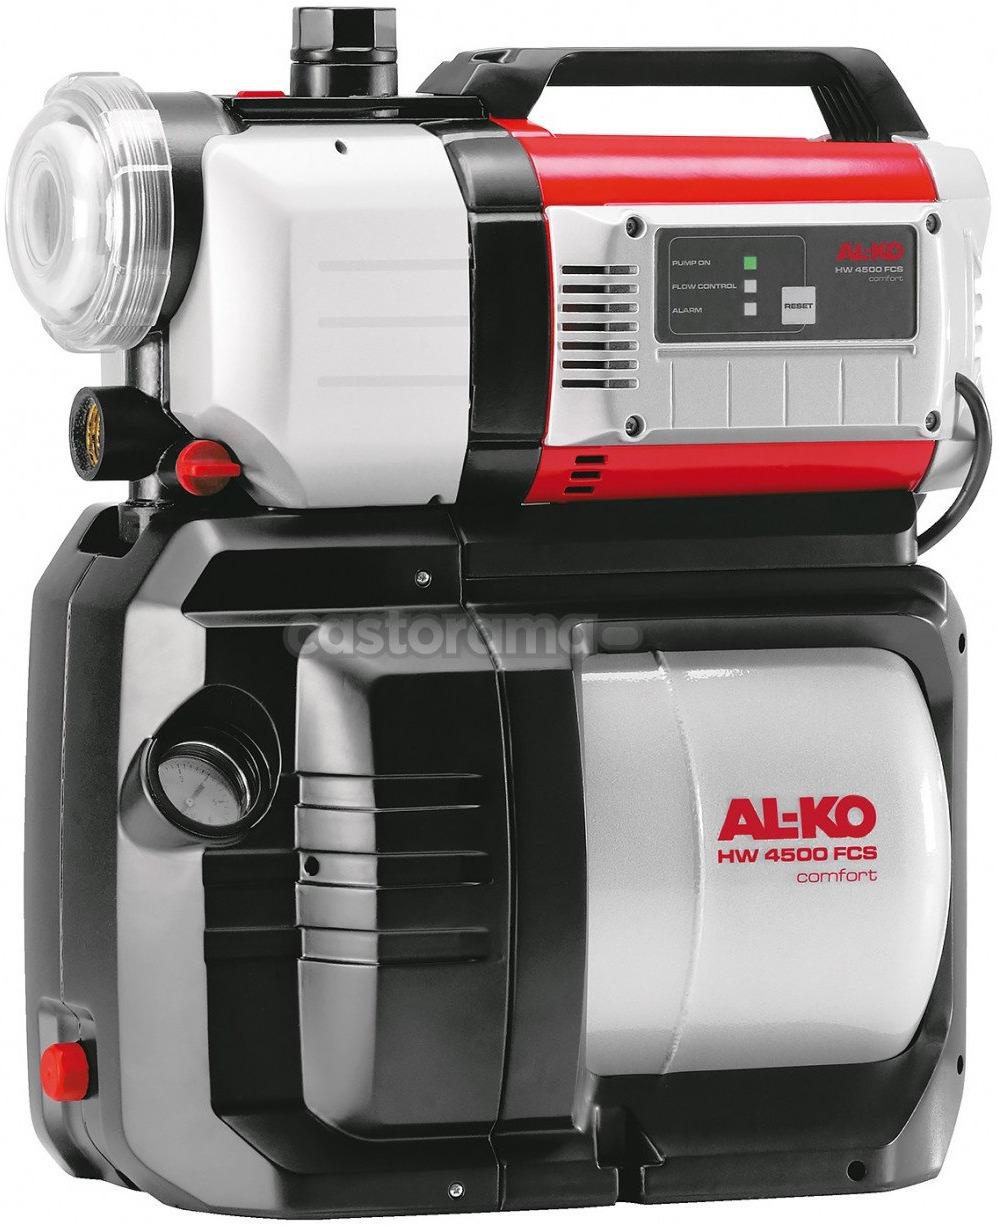 цена на Насосная станция AL-KO HW 4500 FCS Comfort, 112850, серый, черный, красный